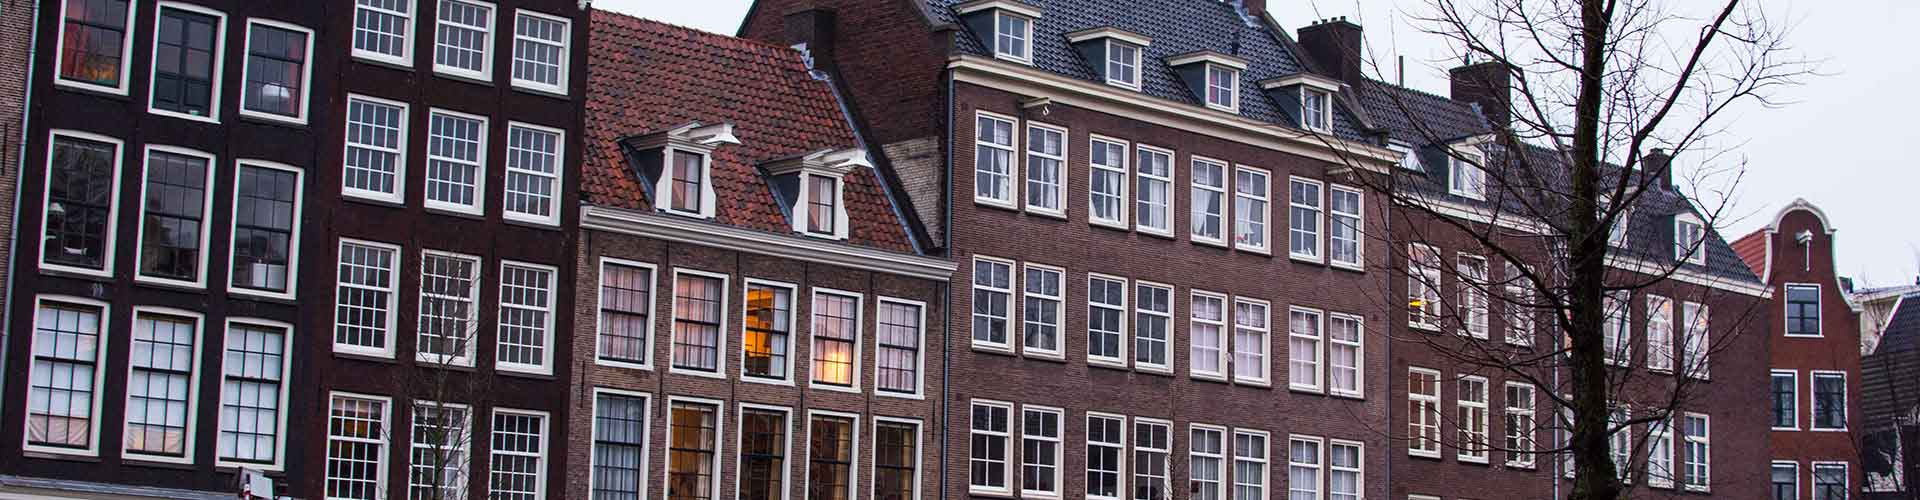 Amsterdam - Auberges de jeunesse près de Anne Frank House. Cartes pour Amsterdam, photos et commentaires pour chaque auberge de jeunesse à Amsterdam.